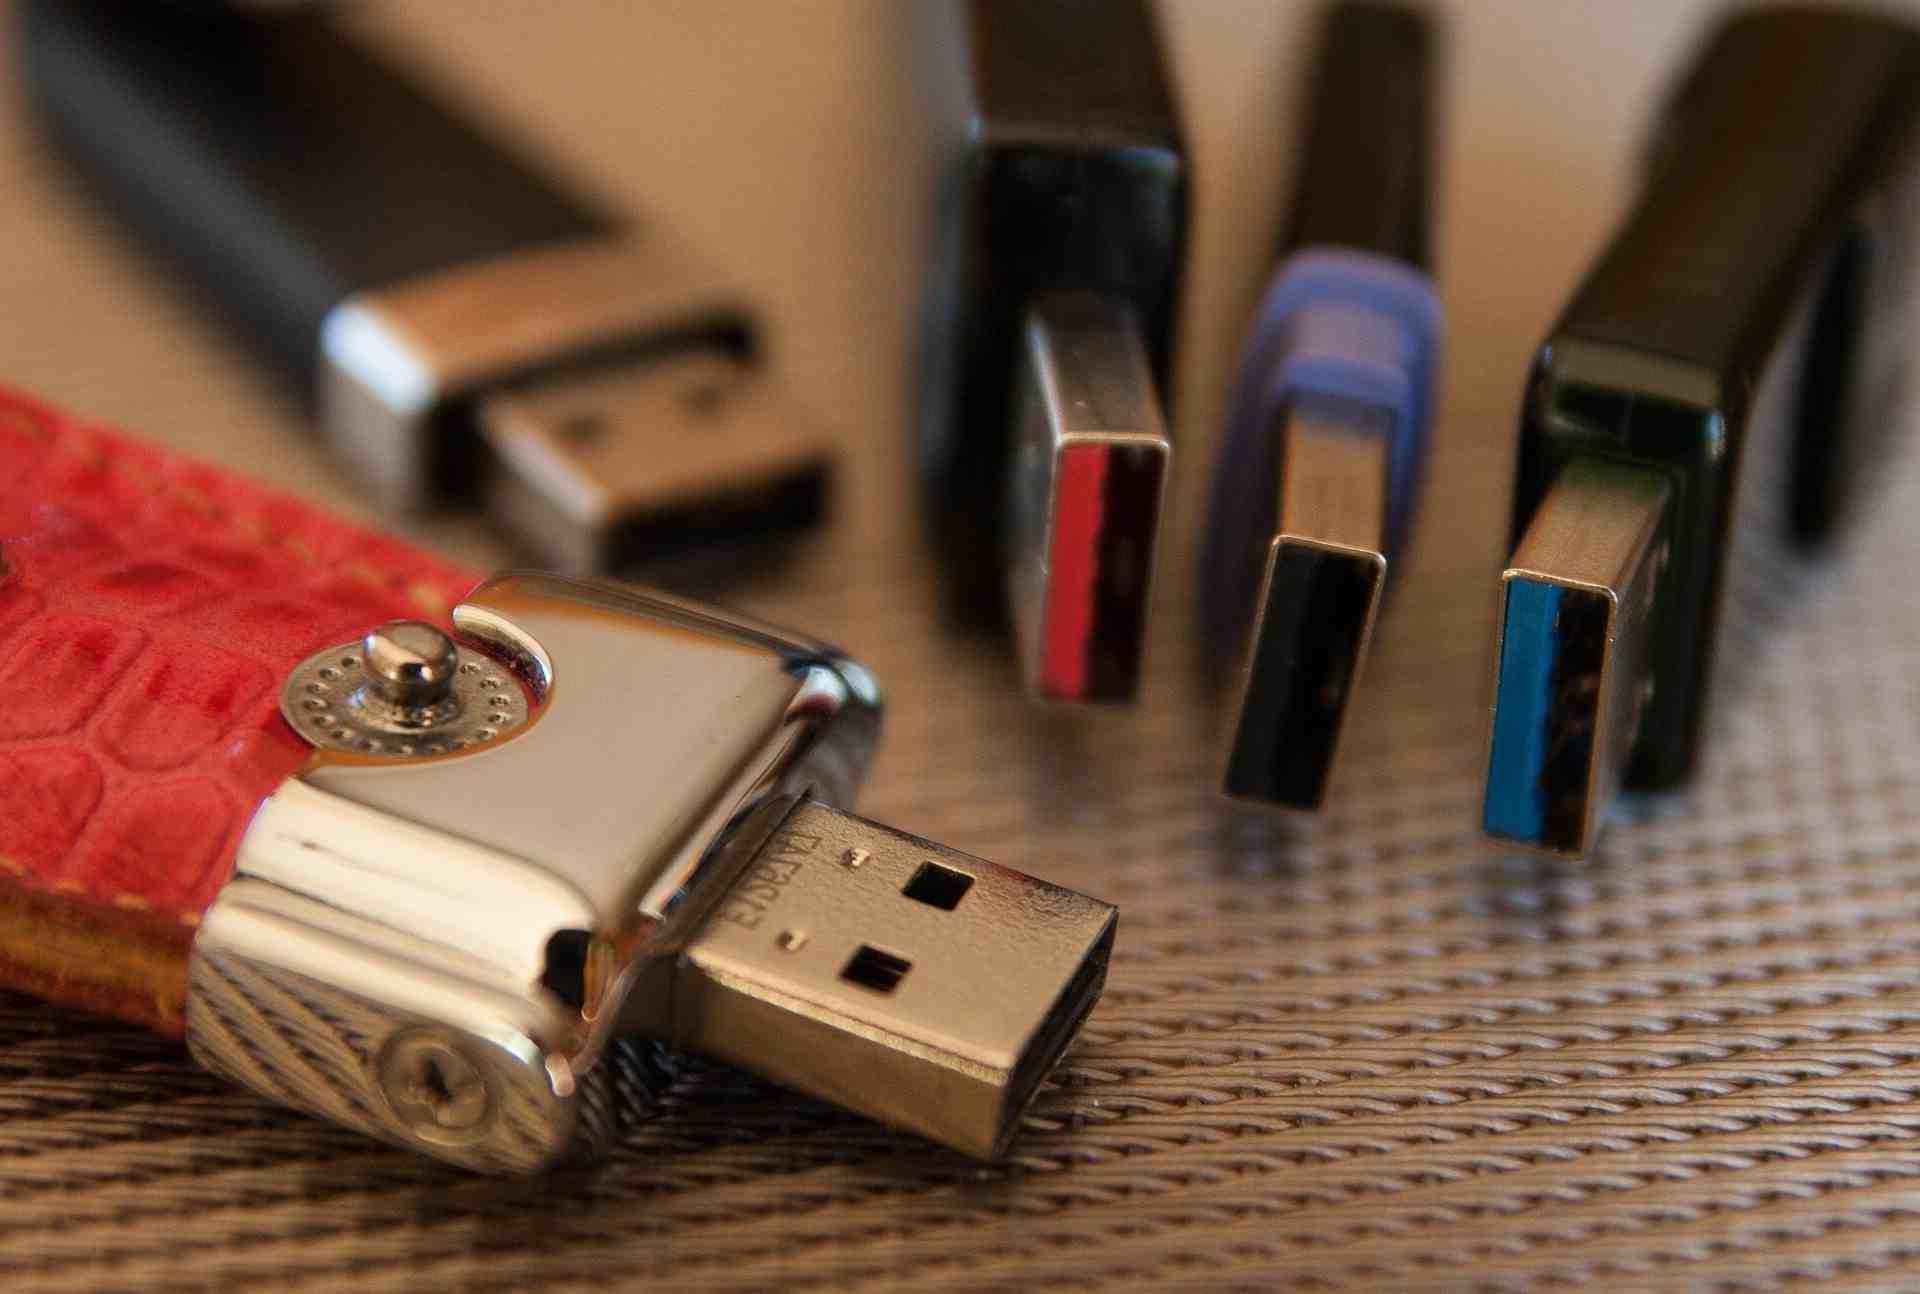 Quelle appareil fonctionne avec un USB de type-C ?